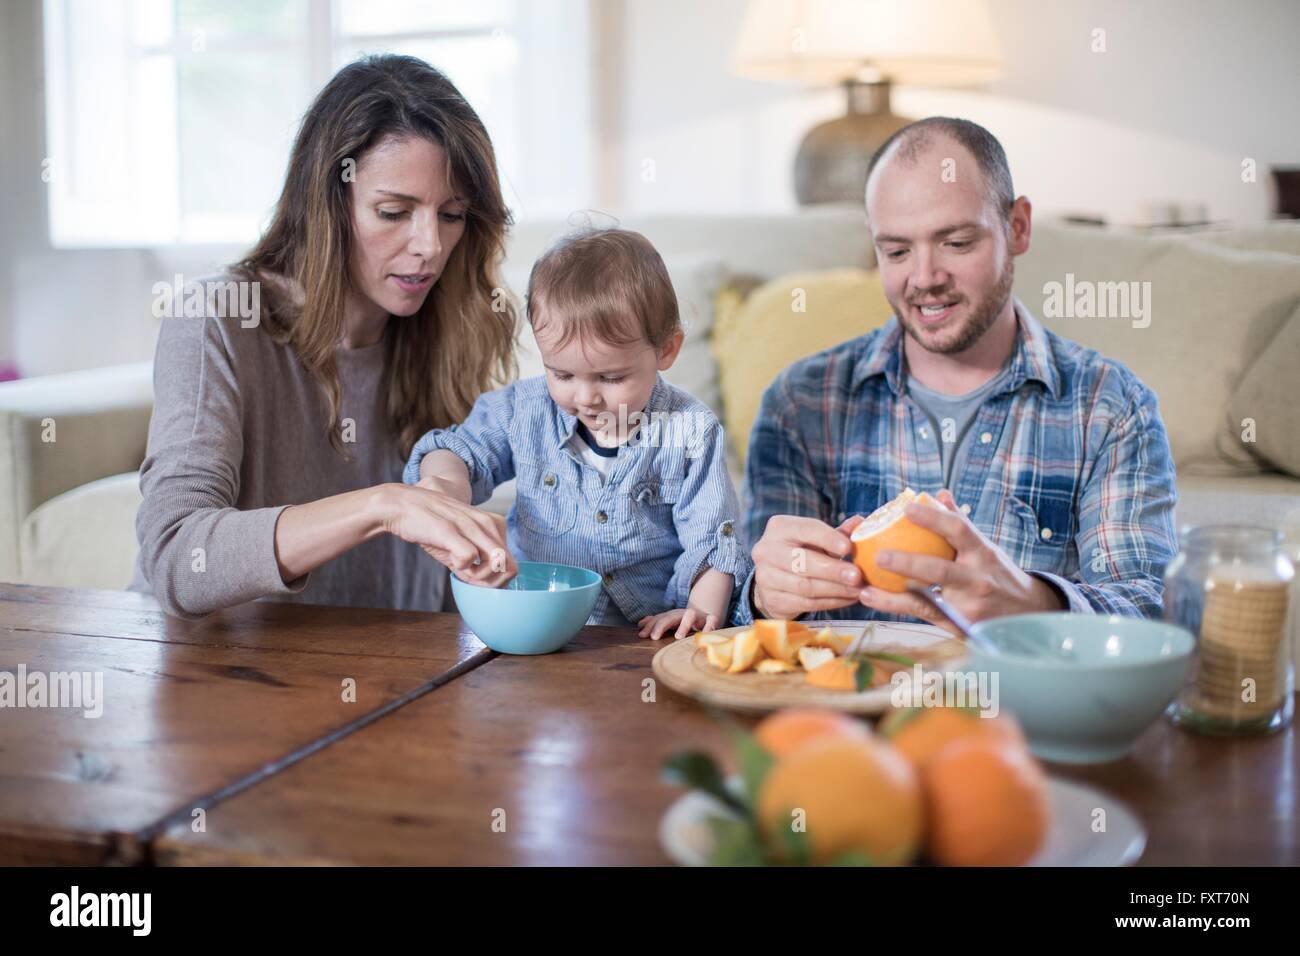 Les parents en train de déjeuner avec baby boy, peeling orange Photo Stock